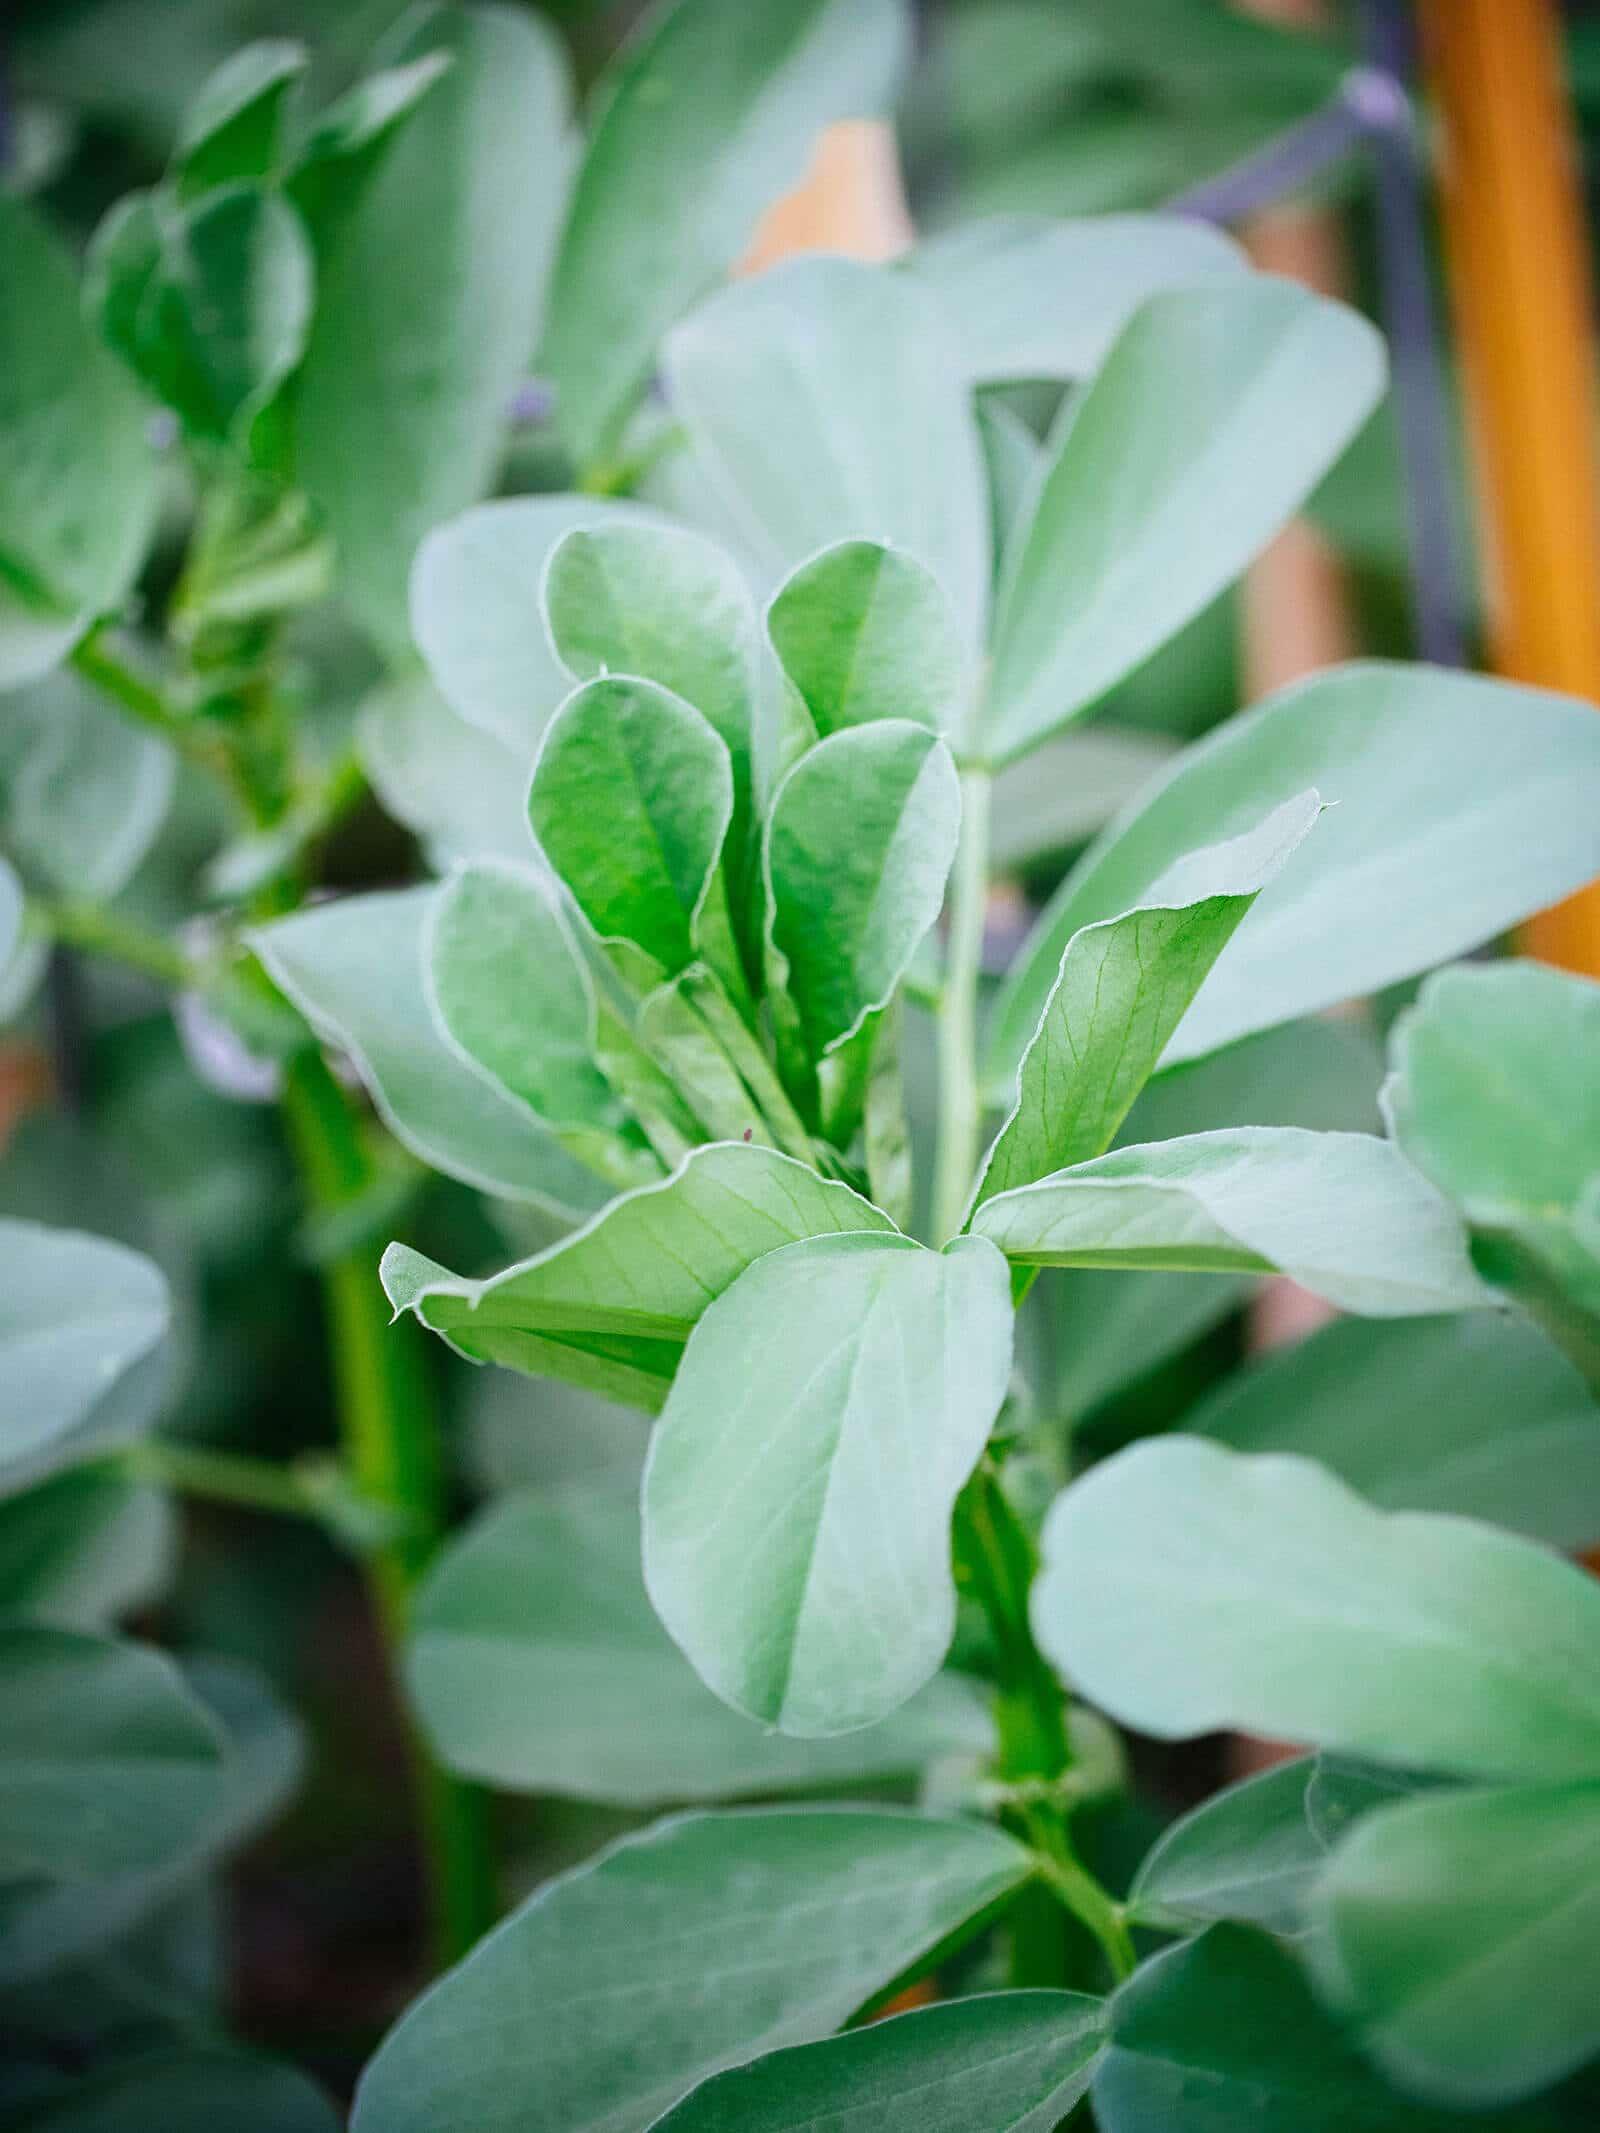 Broad bean leaves